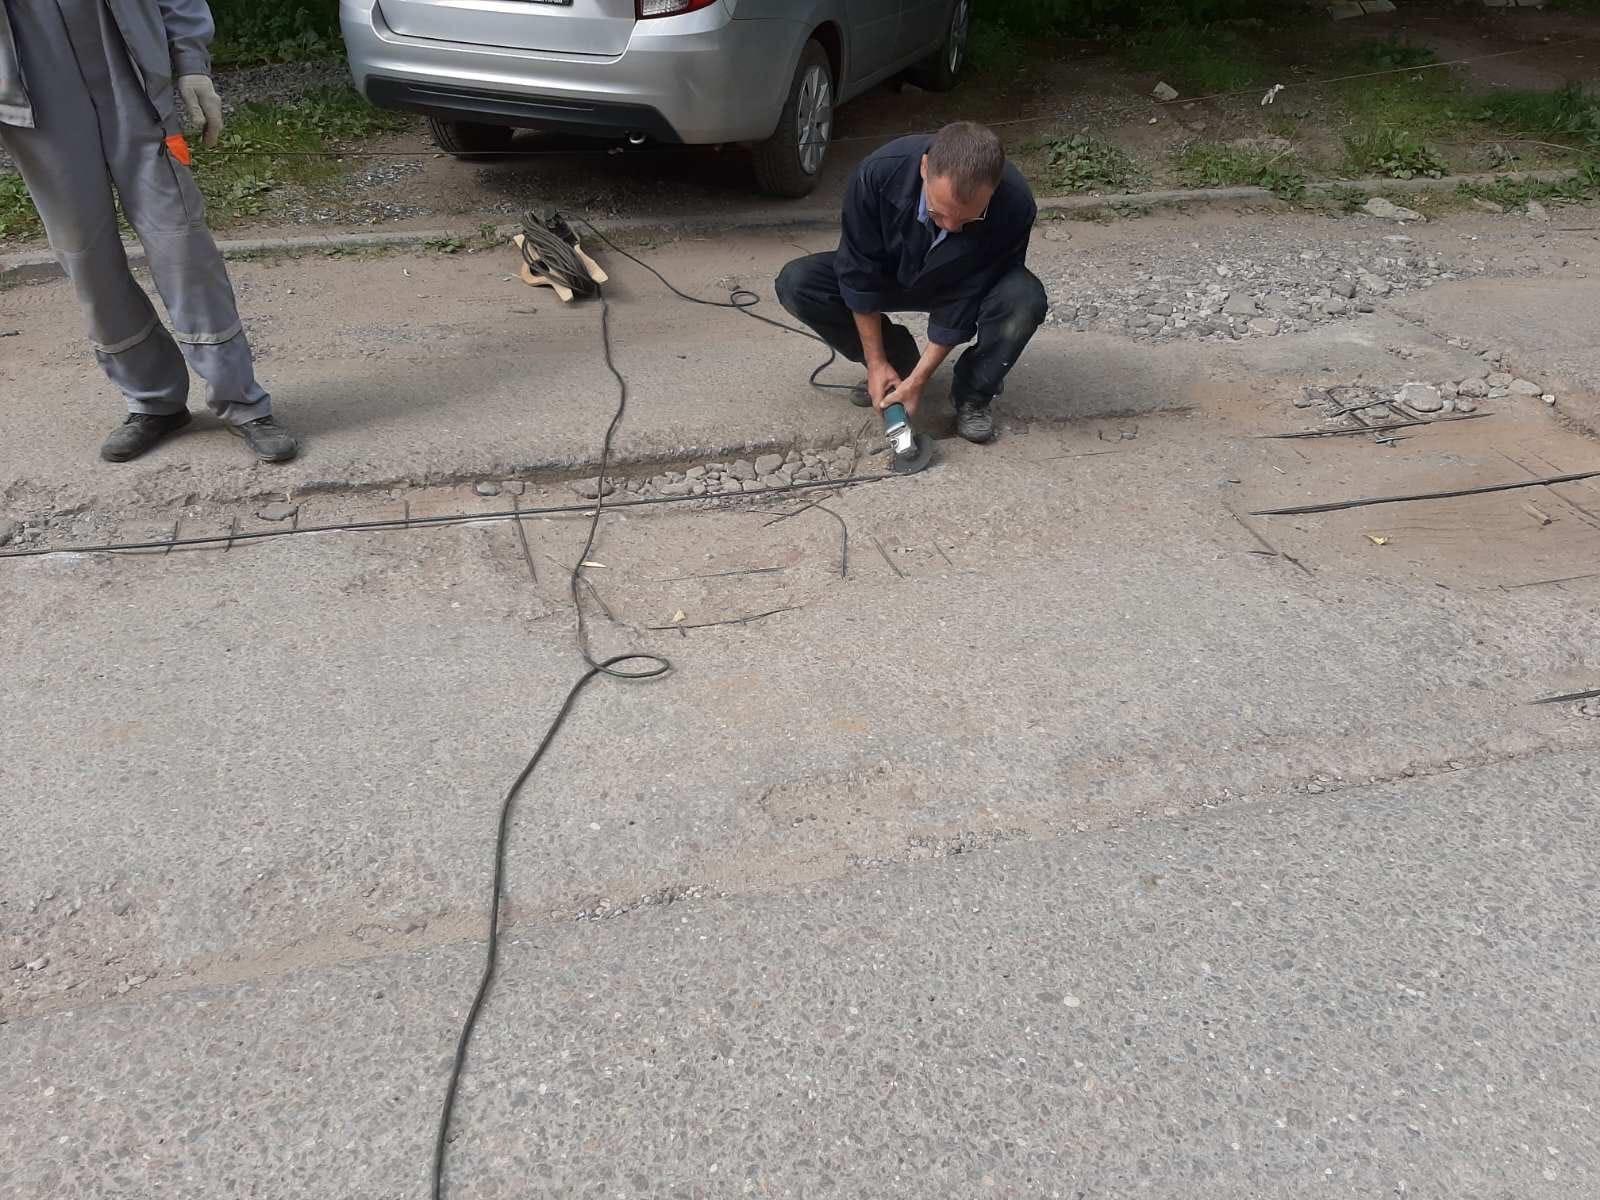 Московская 109 обрезали арматуру на дороге